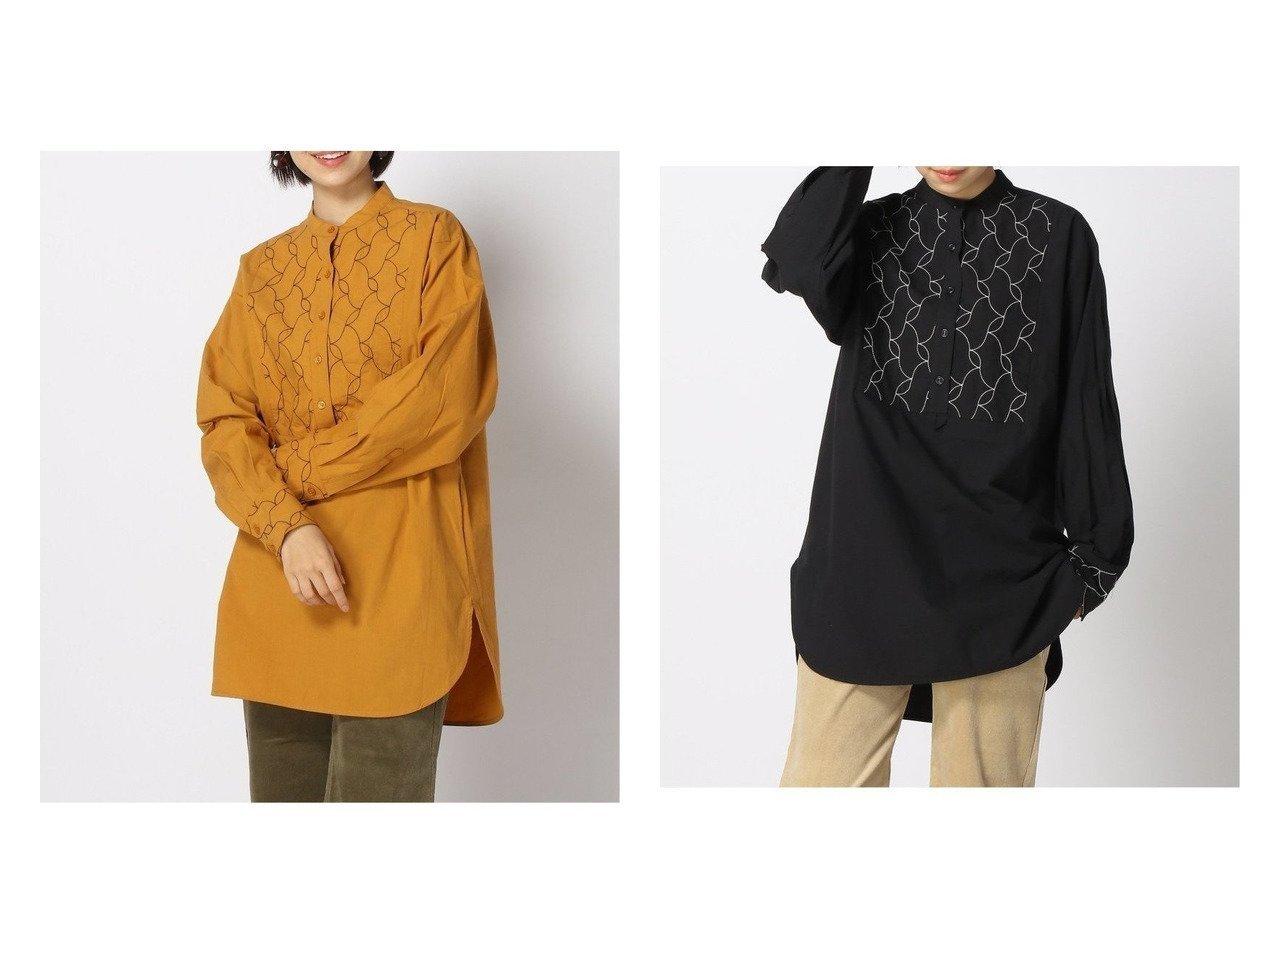 【LOWRYS FARM/ローリーズファーム】のシシュウドレスシャツLS おすすめ!人気、トレンド・レディースファッションの通販 おすすめで人気の流行・トレンド、ファッションの通販商品 インテリア・家具・メンズファッション・キッズファッション・レディースファッション・服の通販 founy(ファニー) https://founy.com/ ファッション Fashion レディースファッション WOMEN トップス・カットソー Tops/Tshirt シャツ/ブラウス Shirts/Blouses ワンピース Dress ドレス Party Dresses NEW・新作・新着・新入荷 New Arrivals おすすめ Recommend シンプル チュニック ドレス フレア ワッシャー 切替 長袖 |ID:crp329100000071070